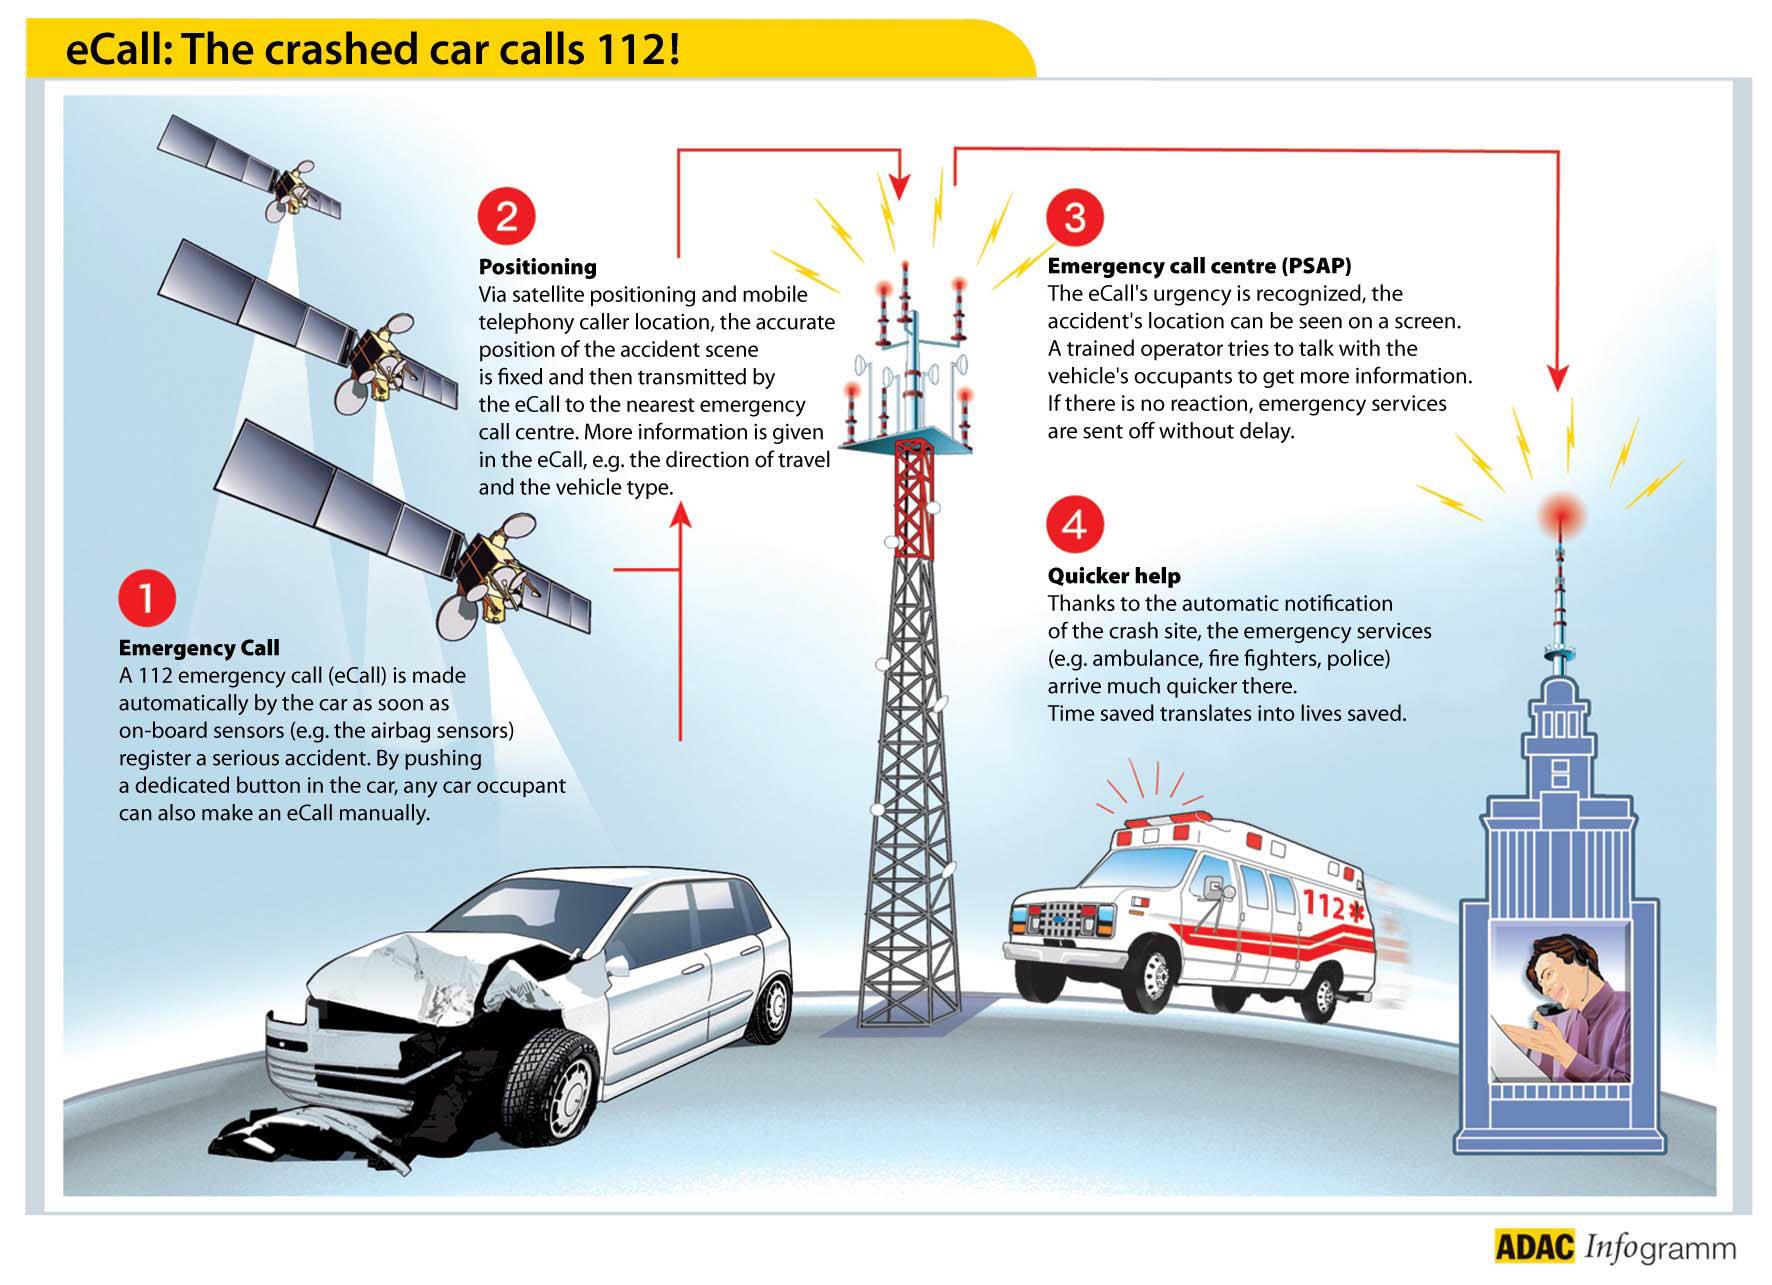 avec eCall le téléphone mobile sera obligatoire dans les voitures